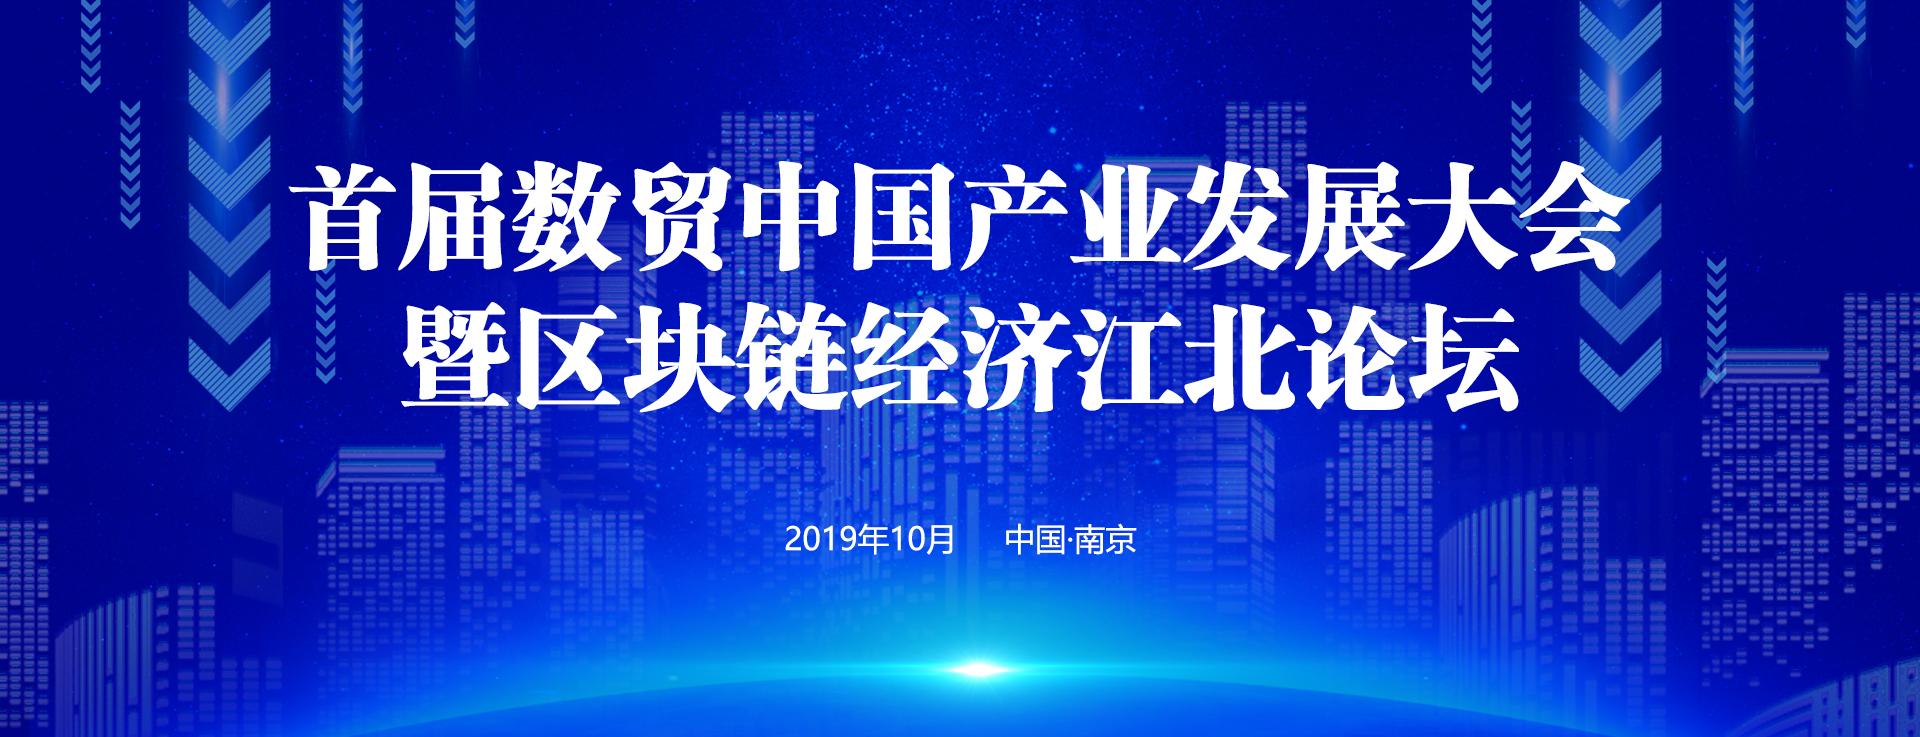 首屆數貿中國産業發展大會暨區塊鏈經濟江北論壇